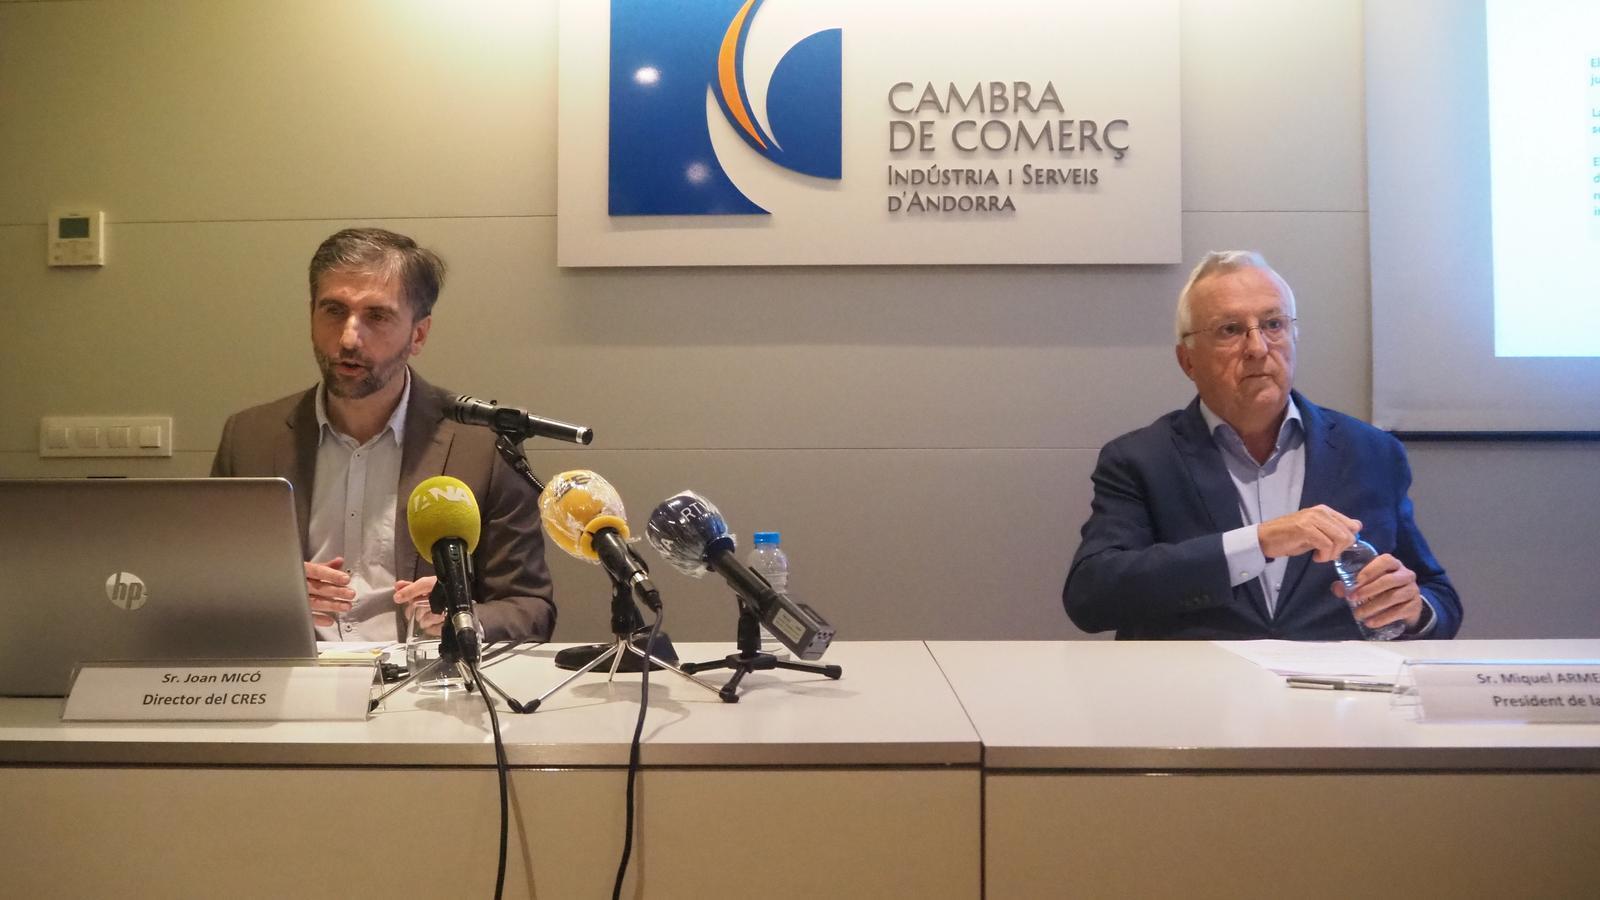 Joan Micó, director del CRES, amb Miguel Armengol, president de la Cambra de Comerç, durant la presentació de l'estudi d'aquest dijous. / E.C. (ANA)